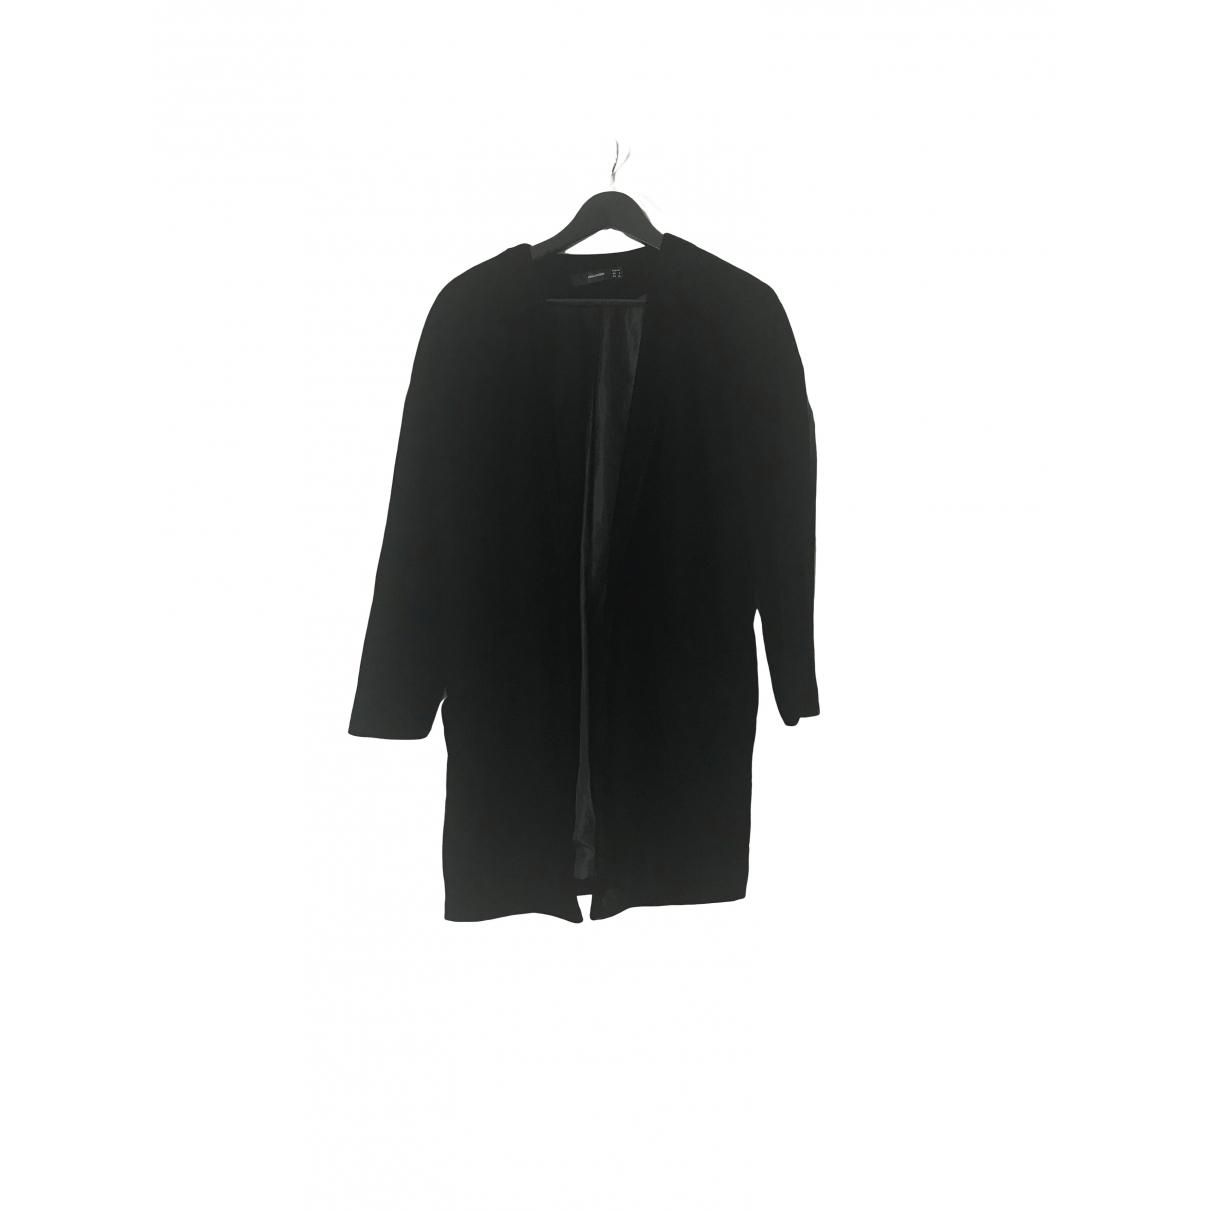 Hallhuber \N Black jacket for Women 34 FR